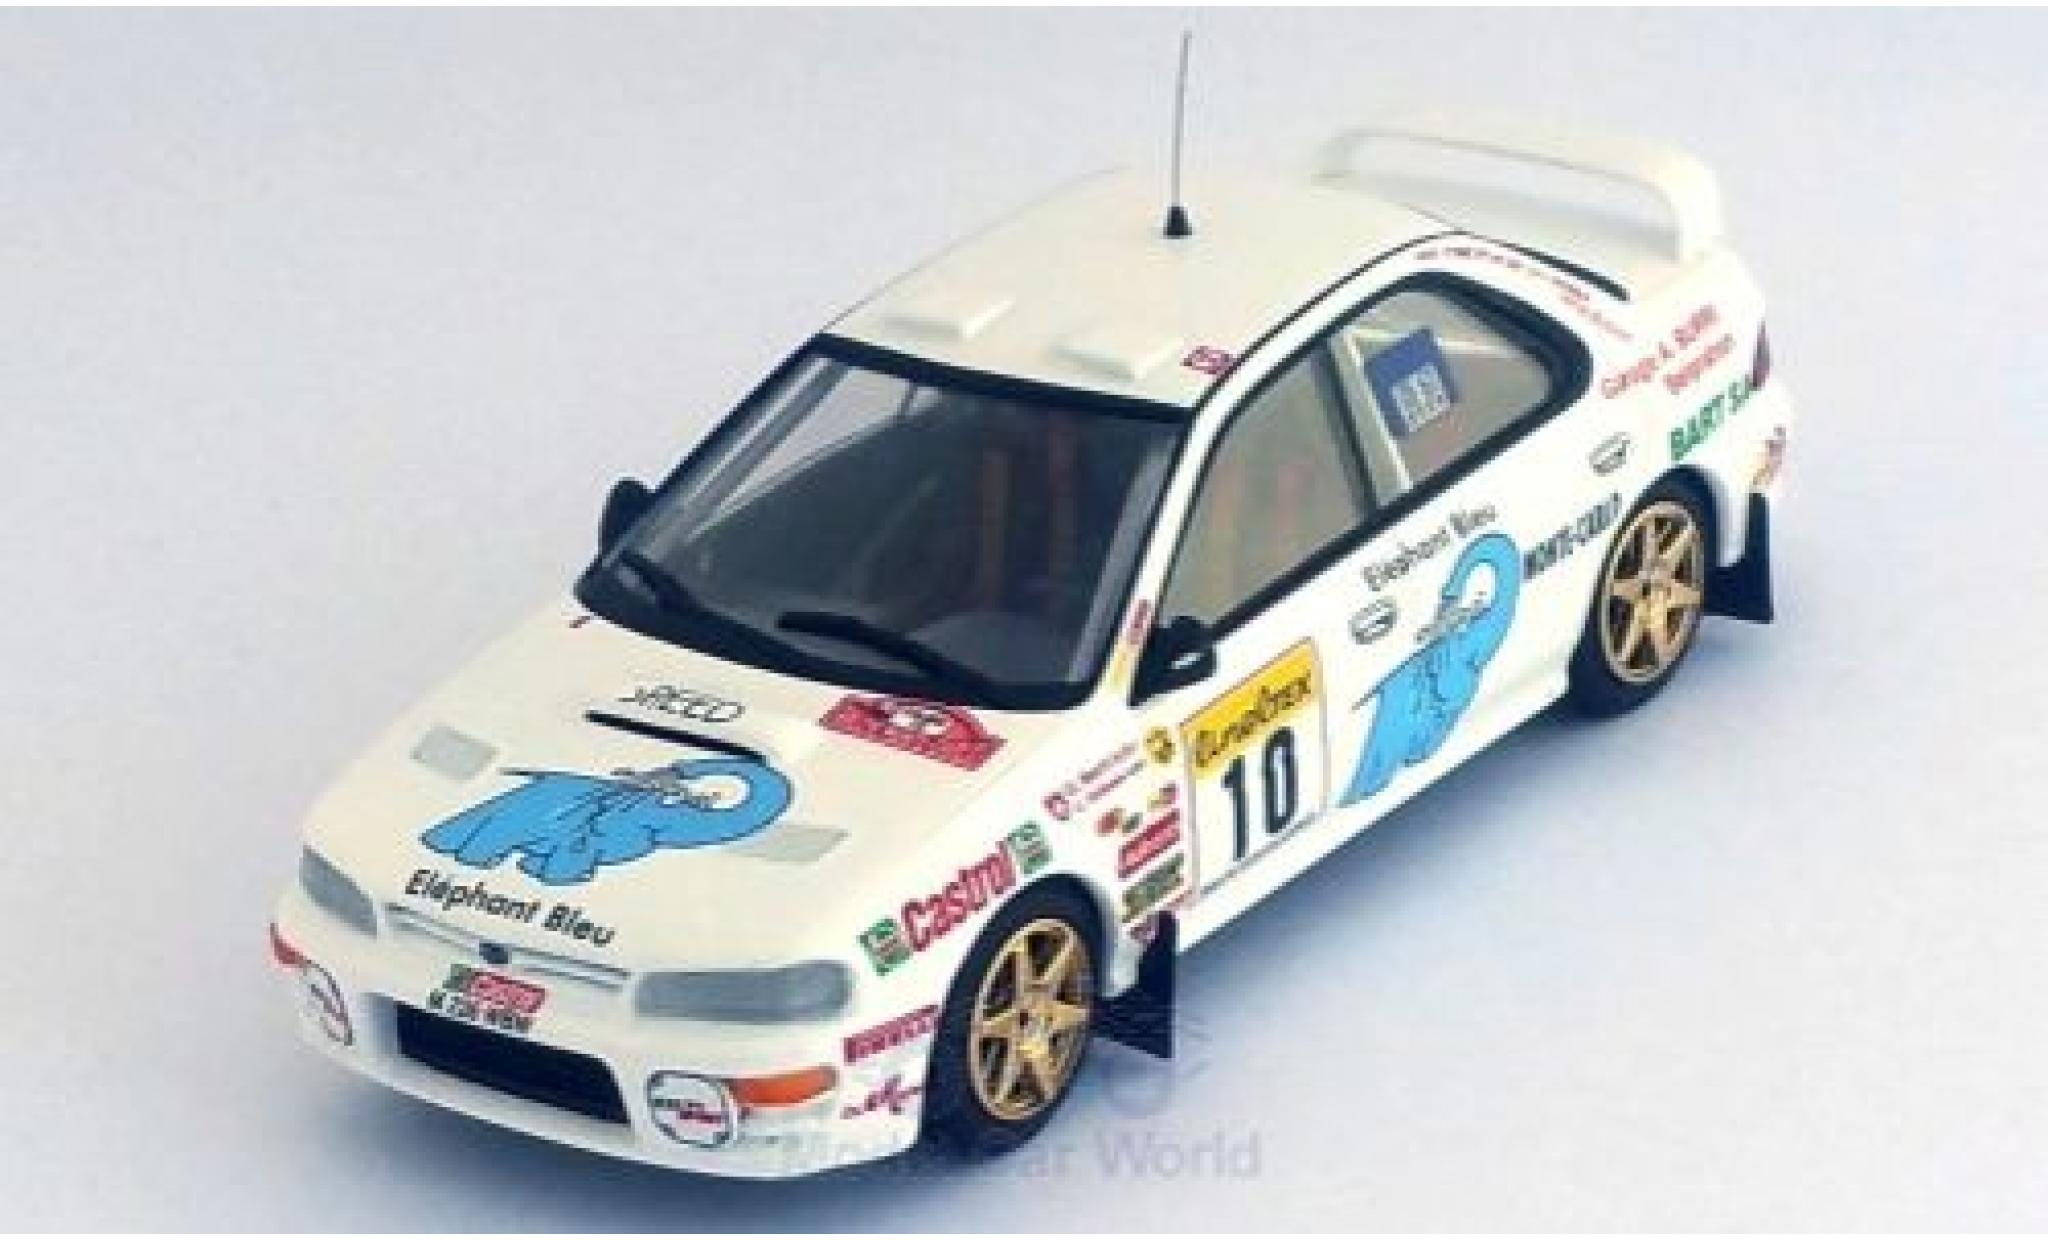 Subaru Impreza 1/43 Trofeu No.10 Rallye WM Rallye Monte Carlo 1997 O.Burri/C.Hofmann